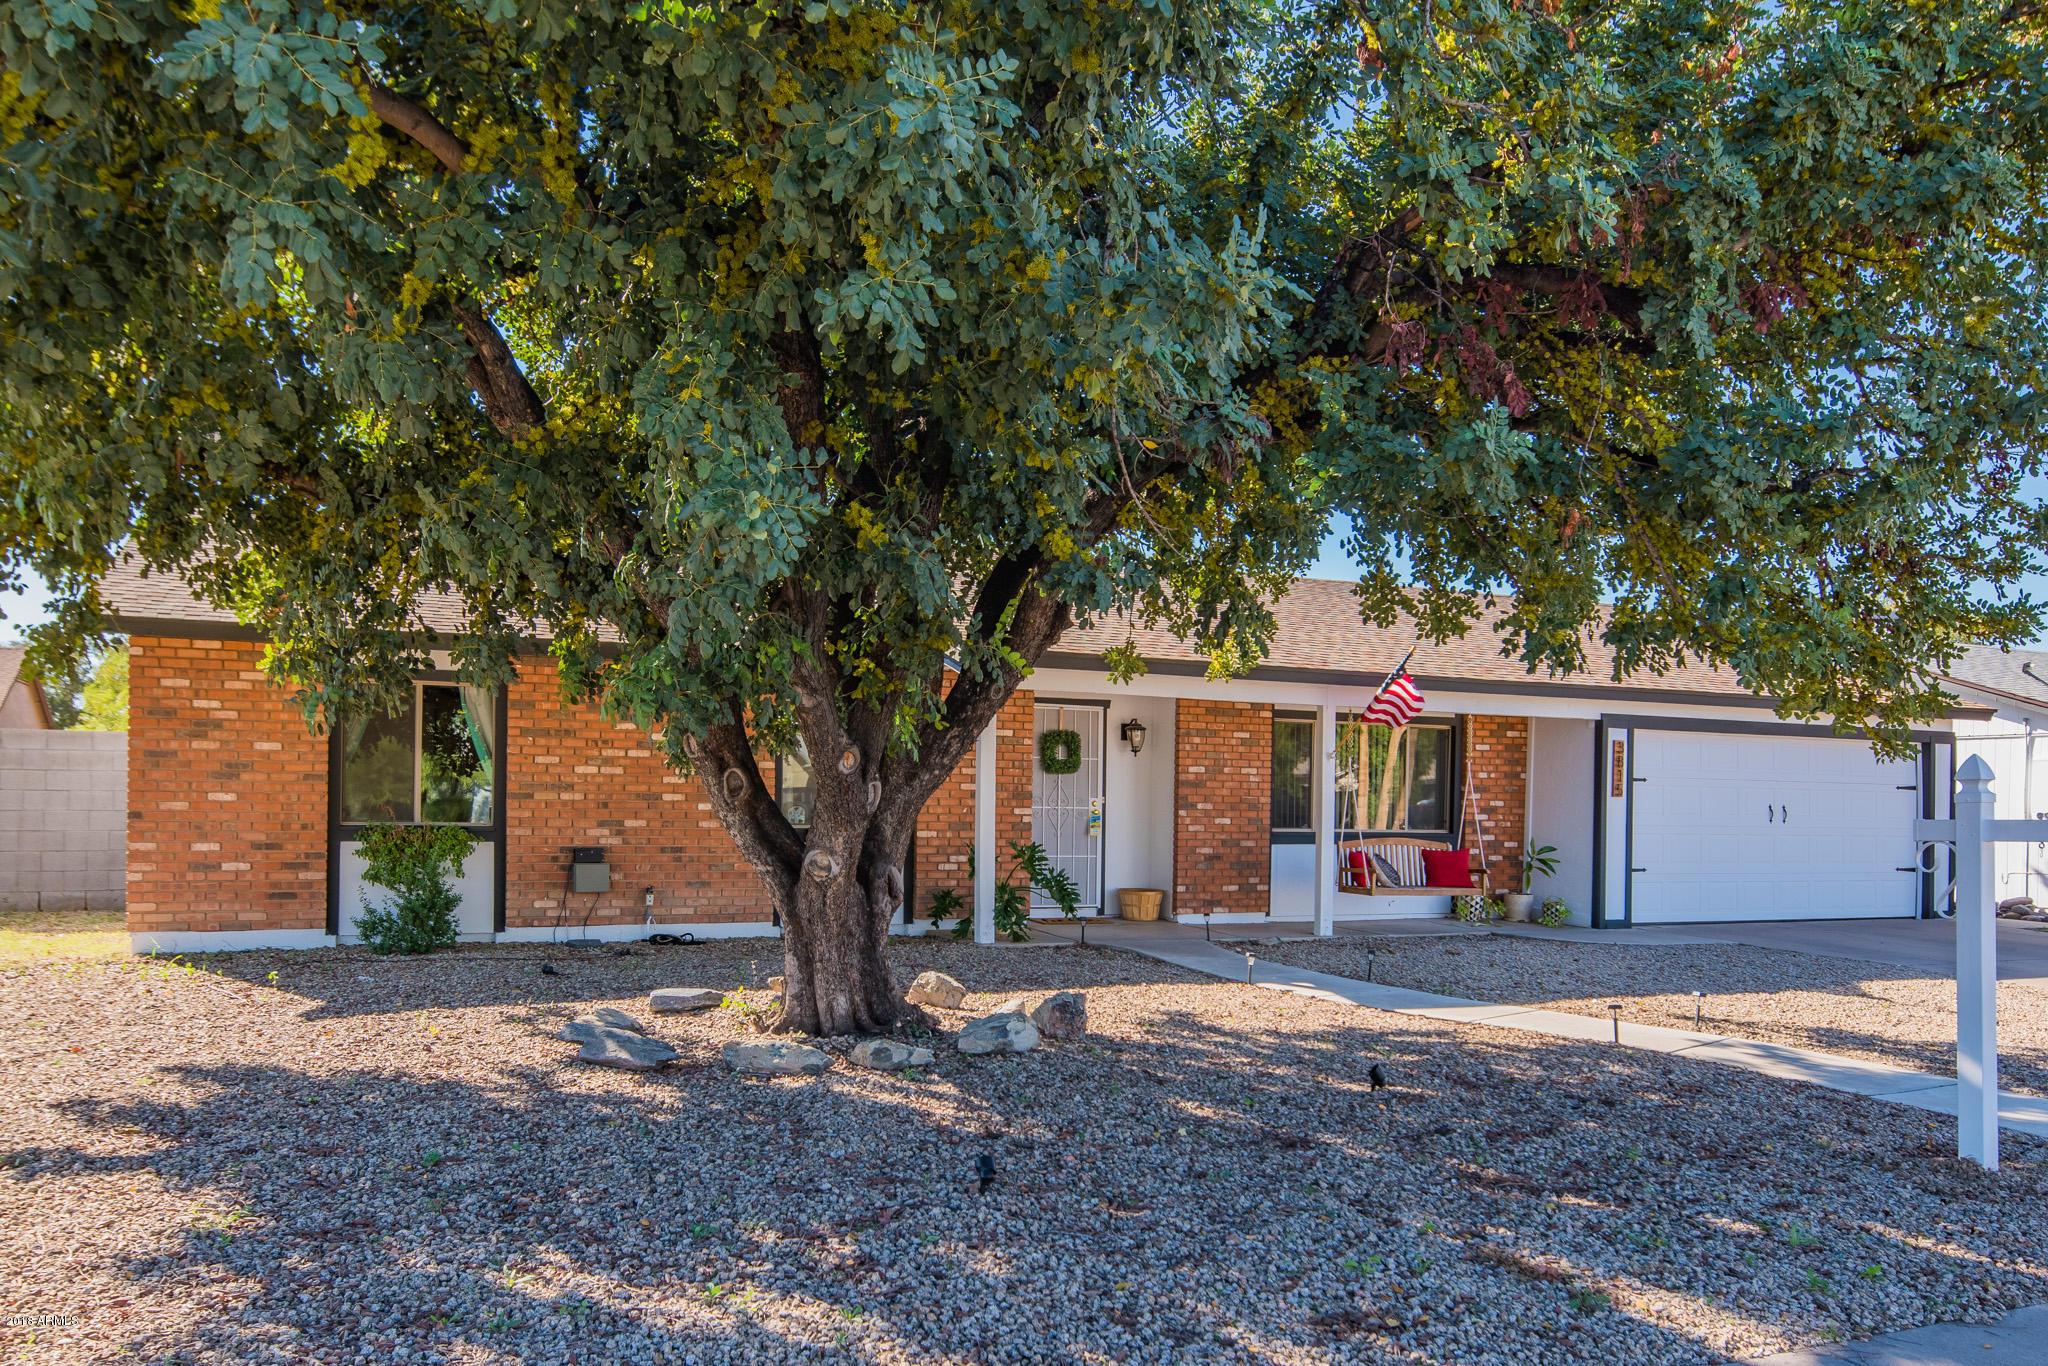 MLS 5847591 3815 E MARILYN Road, Phoenix, AZ 85032 Phoenix AZ Paradise Valley Oasis